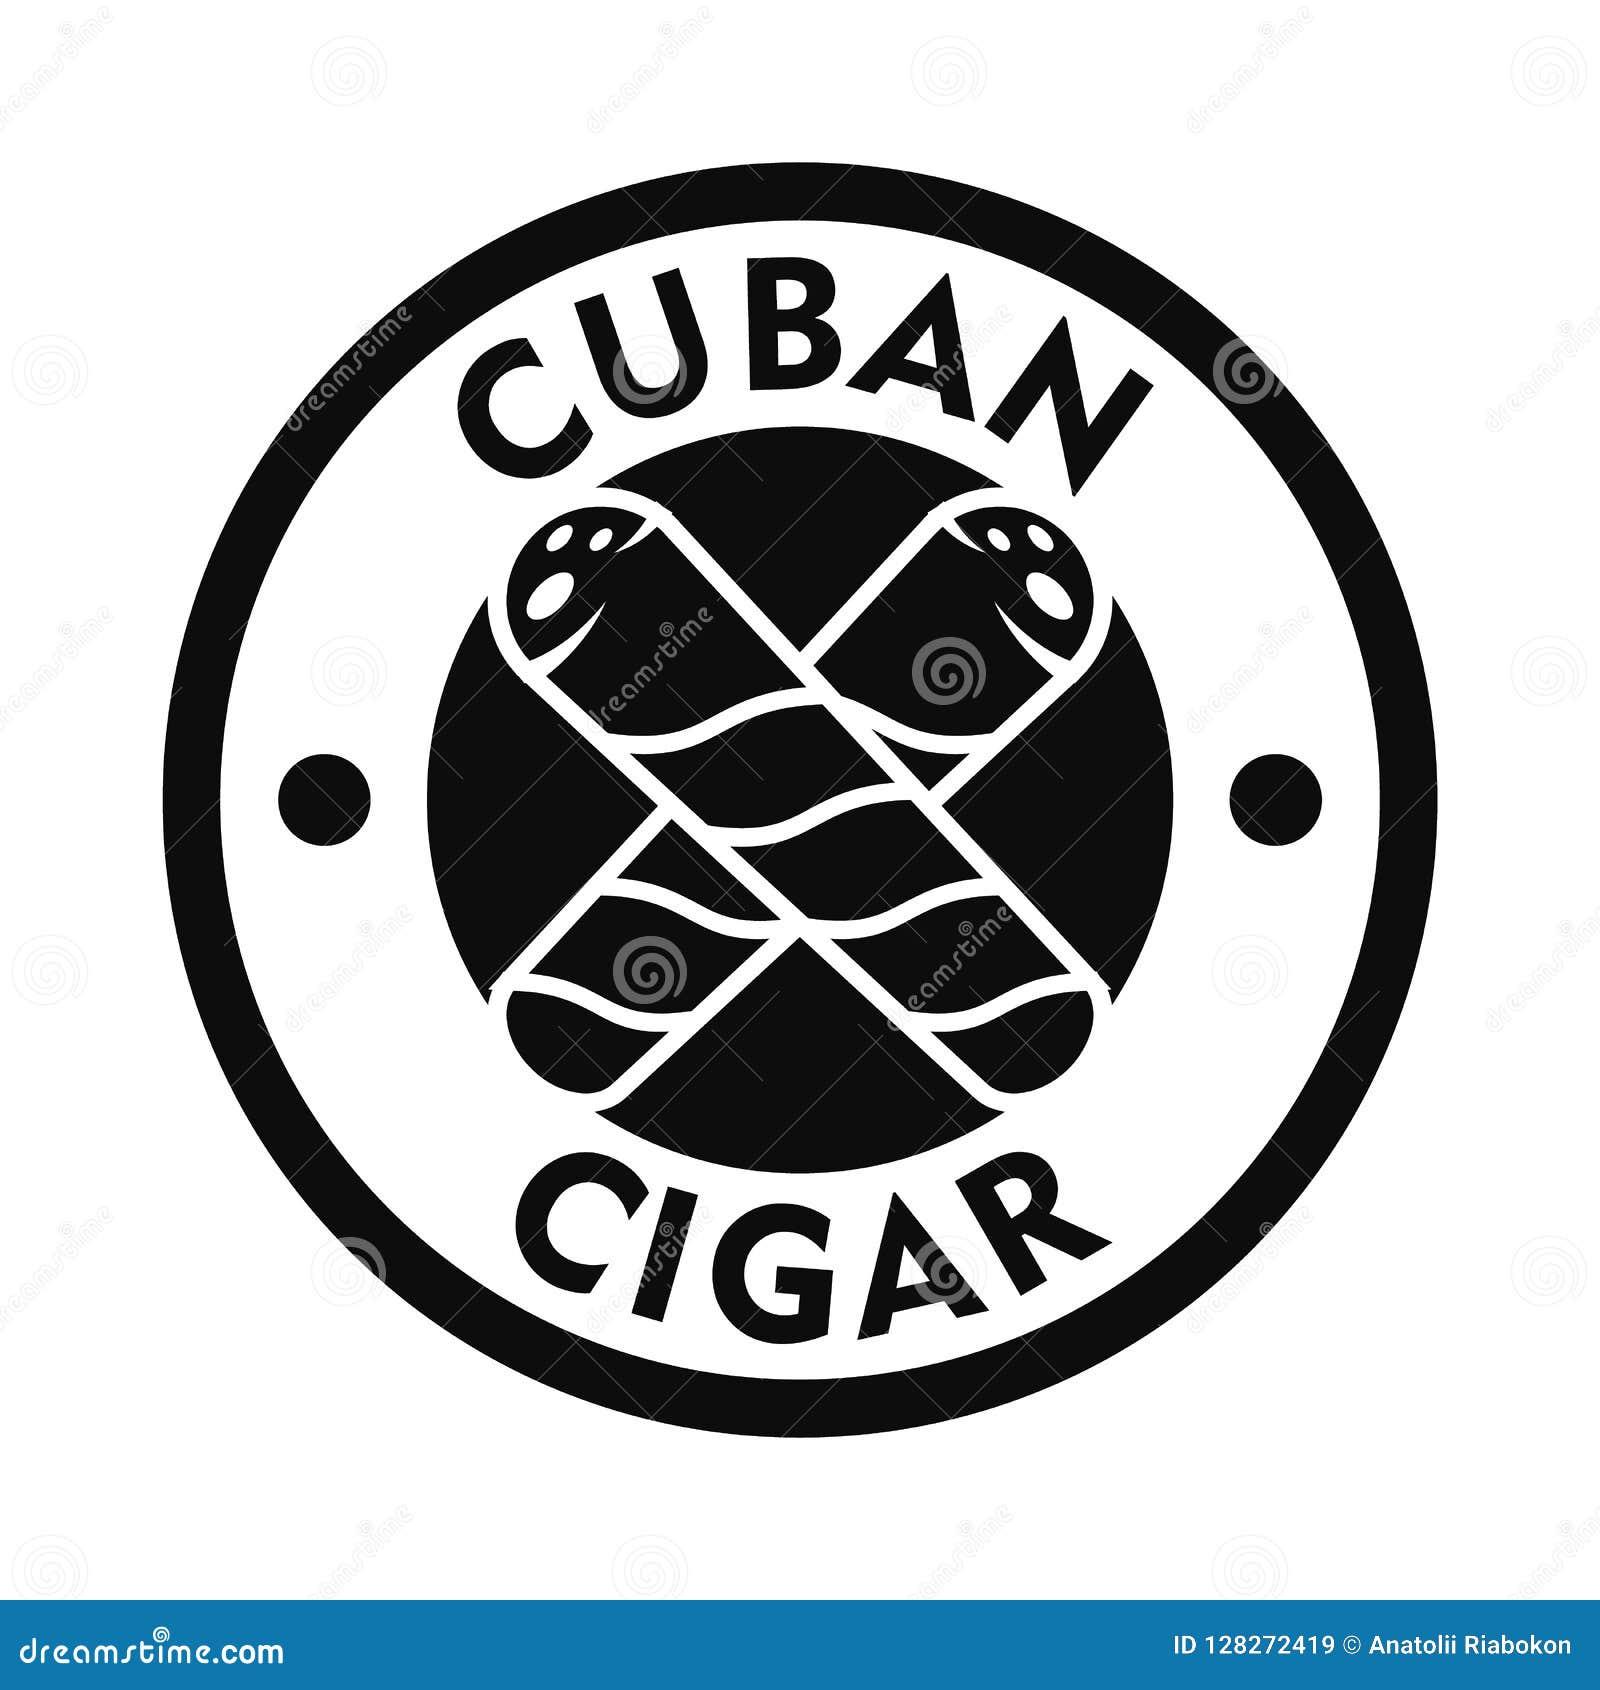 Logotipo fresco cubano del cigarro, estilo simple